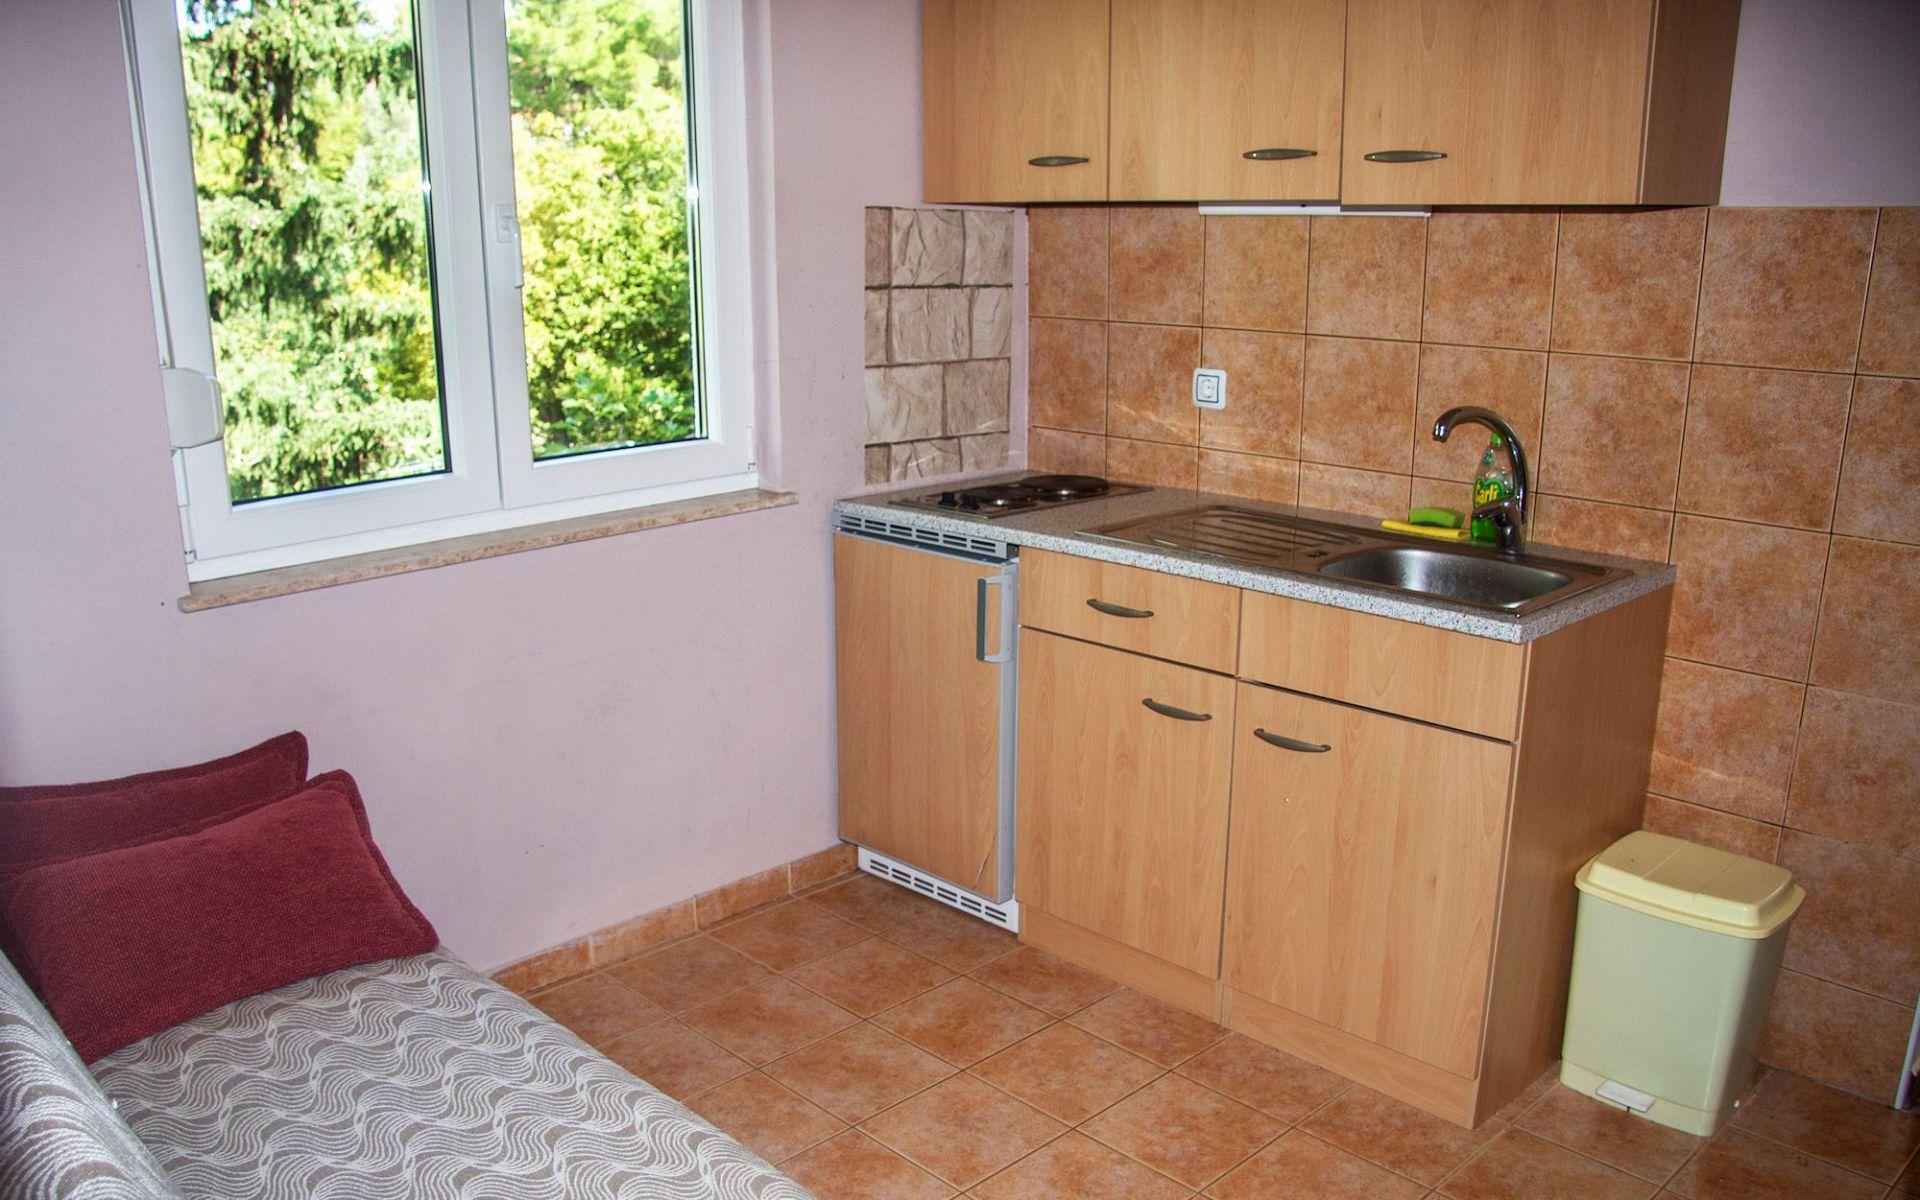 Ferienwohnung Dubravko A1 Bepina (2+2) - Maslenica (817835), Maslenika, , Dalmatien, Kroatien, Bild 11